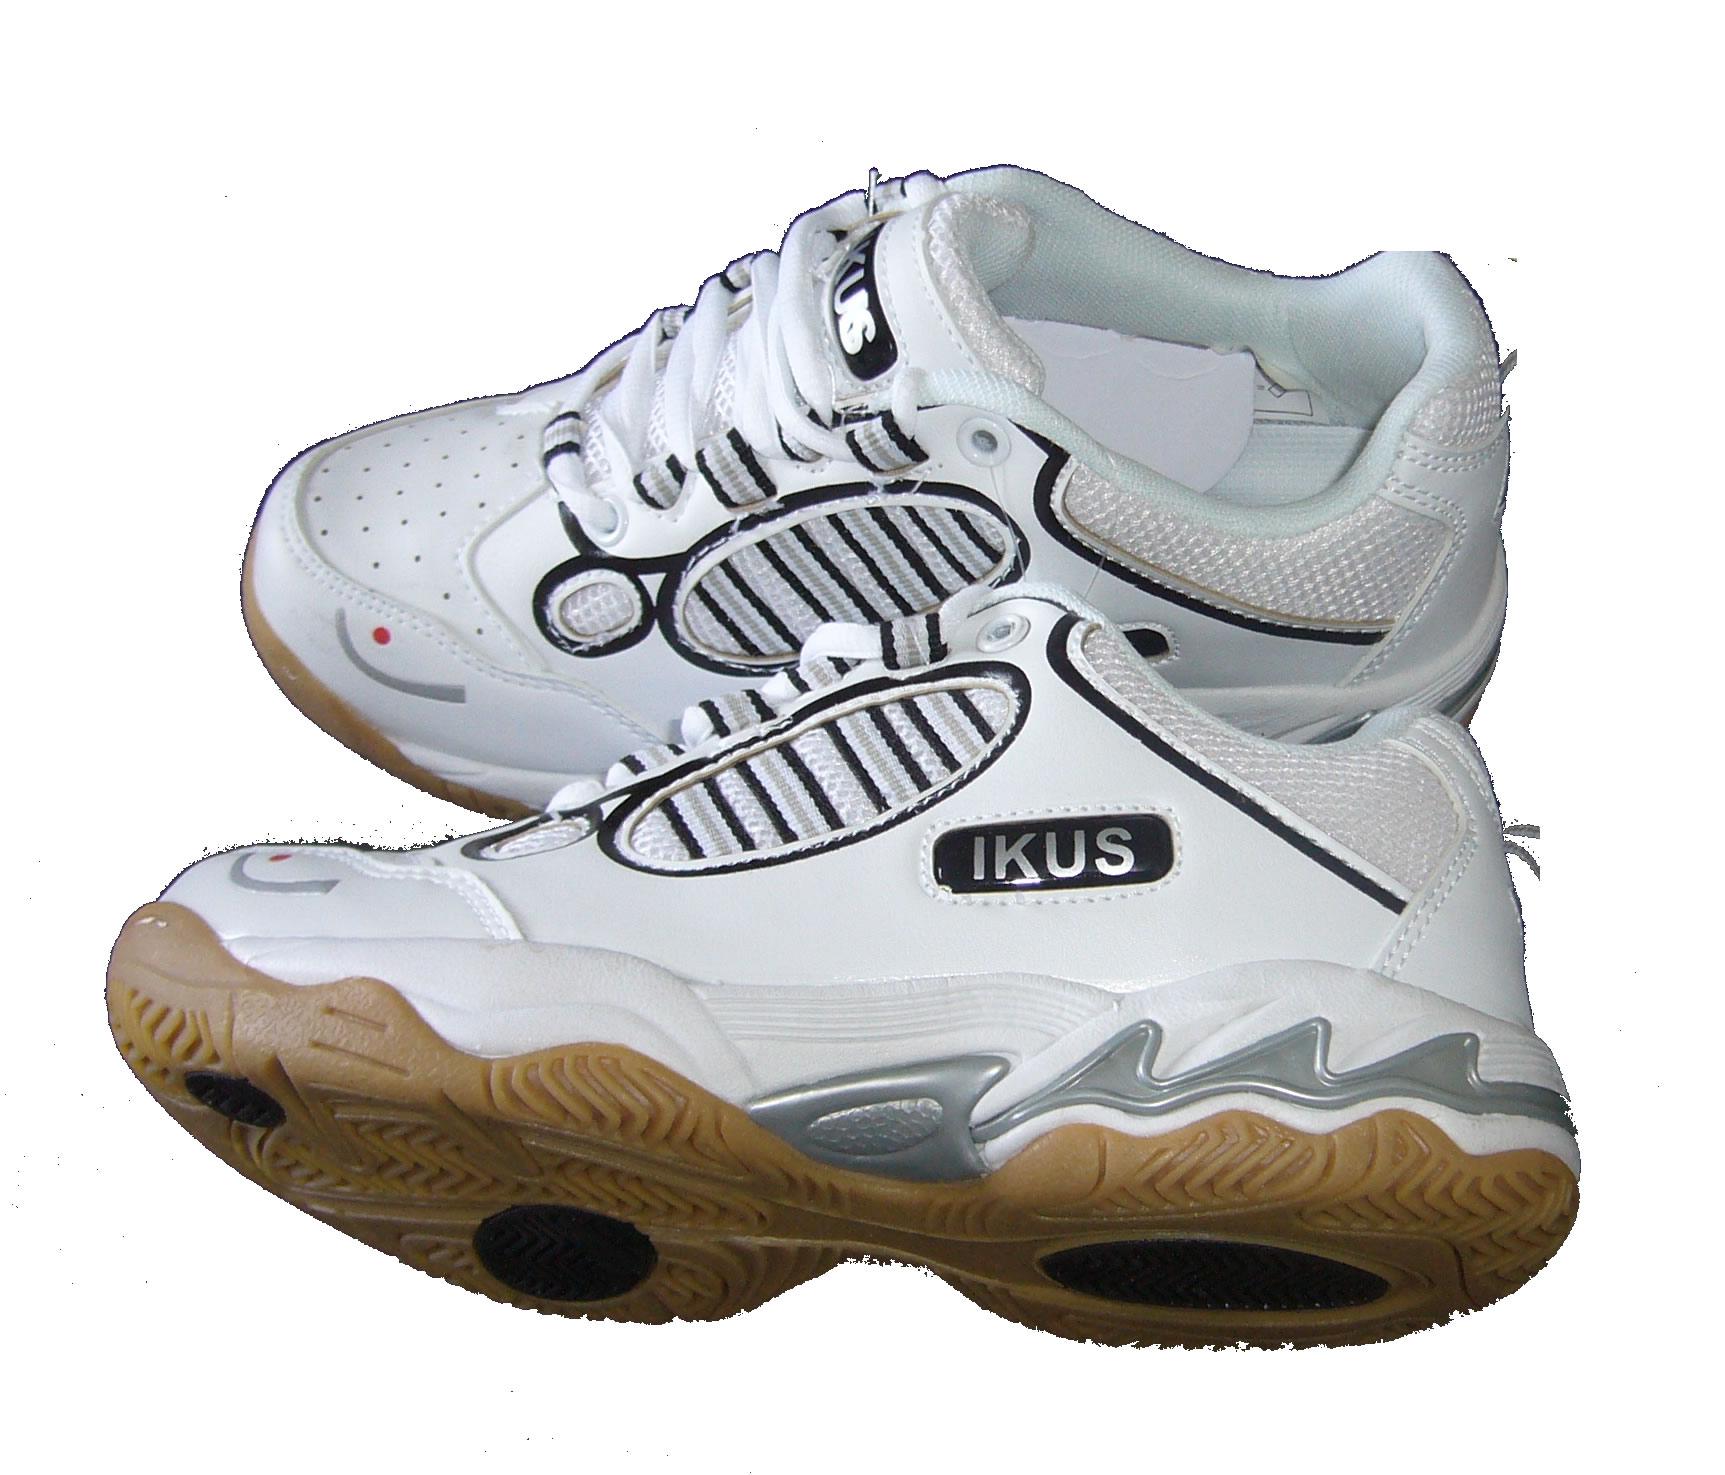 Fin de série pour cette chaussure de squash IKUS Jo1 qui procure un super grip au parquet.Très bonne accroche, stable. Cette semelle procure un meilleur confort et progresse au niveau de l'amorti qui devient très bon. Une sensation d'amorti et de confort que l'on trouve sur les haut de gamme. Le prix bas en plus en destockage pourrait donner l'illusion de qualité en retrait mais pas du tout. Elle n'a pas la modernité des couleurs flashies mais pour celui qui  veut  une bonne chaussure, une bonne semelle de squash à tarif compétitif, rien à dire.